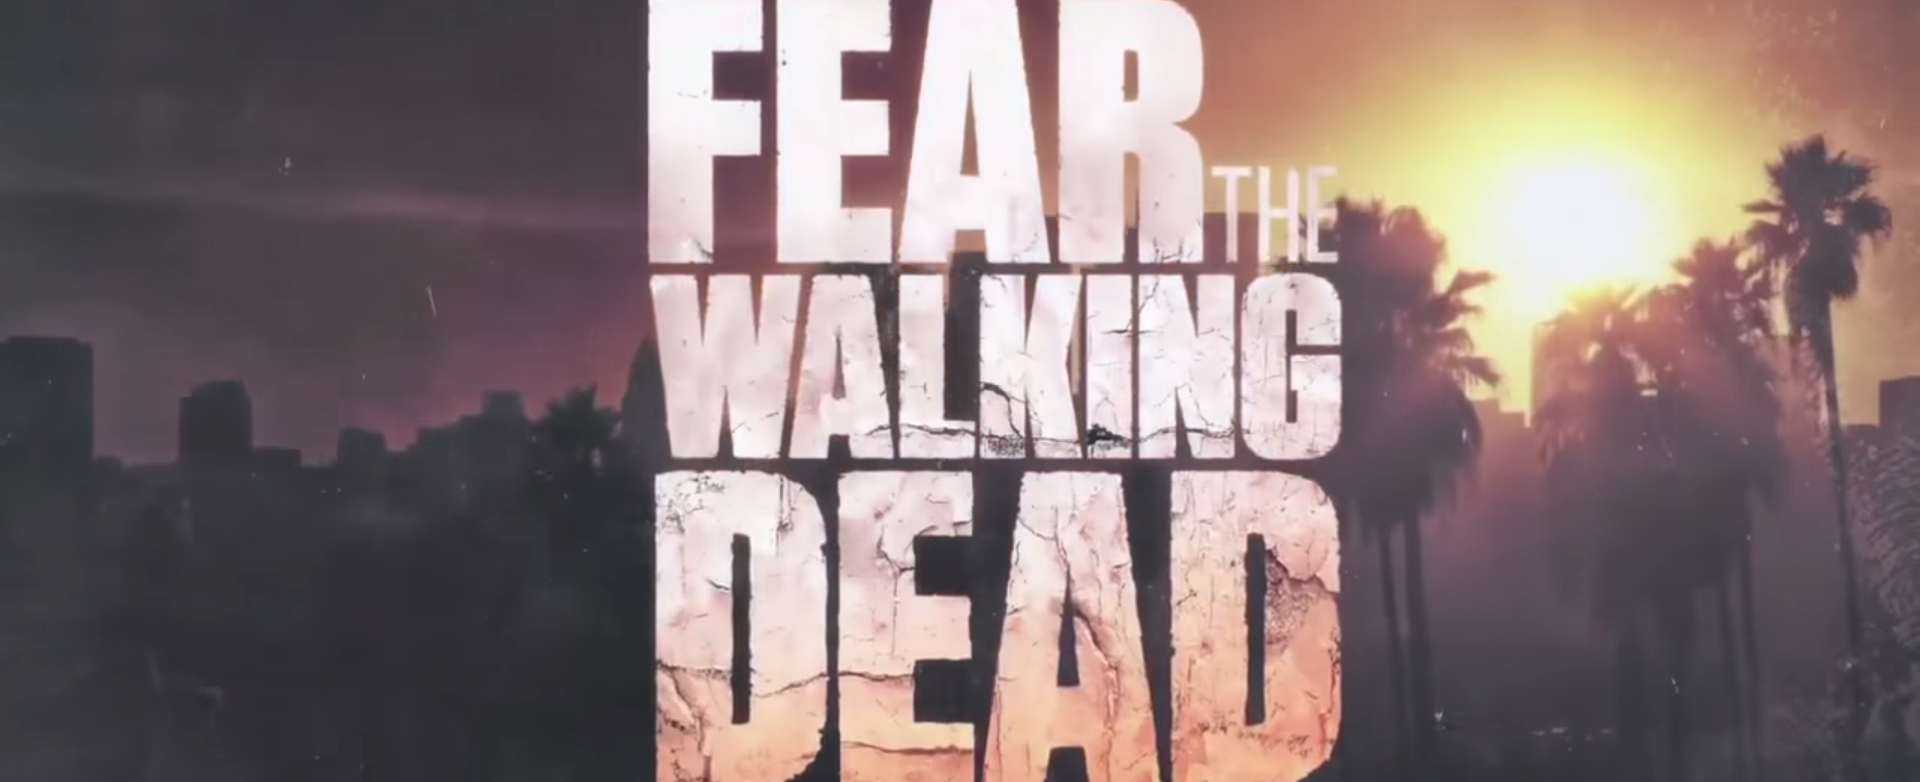 """Ecco le trame dei primi due episodi di """"Fear The Walking Dead"""", in onda in italiano il 17 marzo 2016 su Paramount Channel e MTV Next. La prima zombi della […]"""